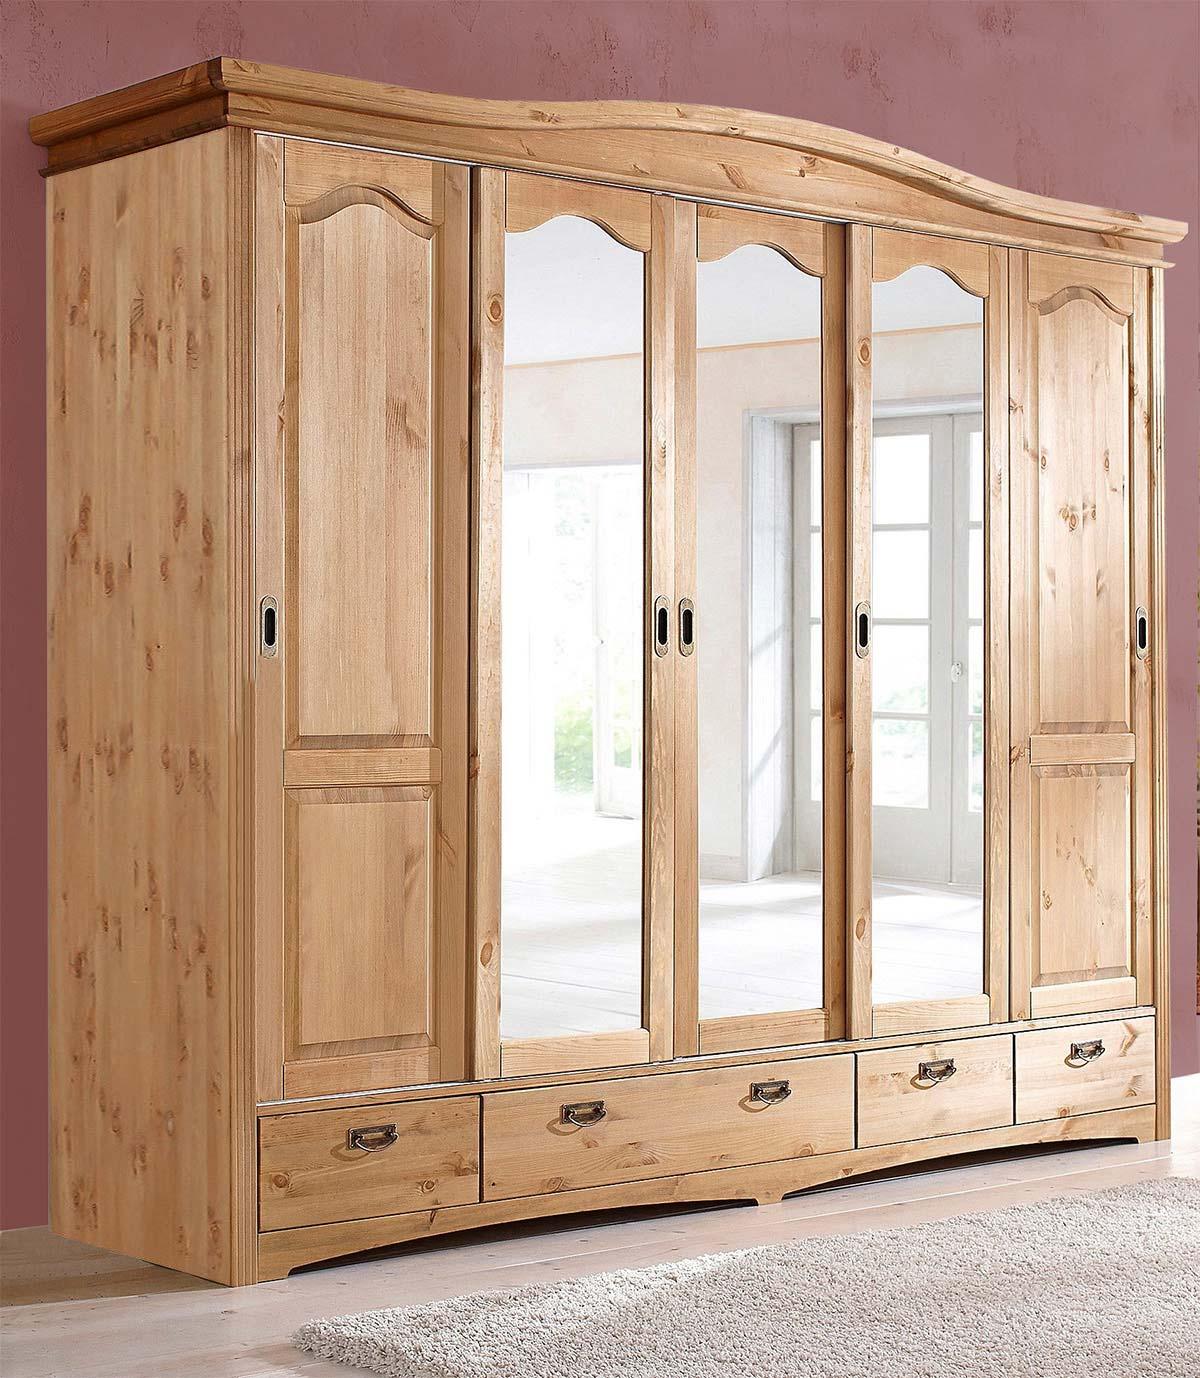 Full Size of Kleiderschrank Schlafzimmerschrank Kiefer Massiv Natur 249cm 5 Wohnzimmer Schlafzimmerschränke